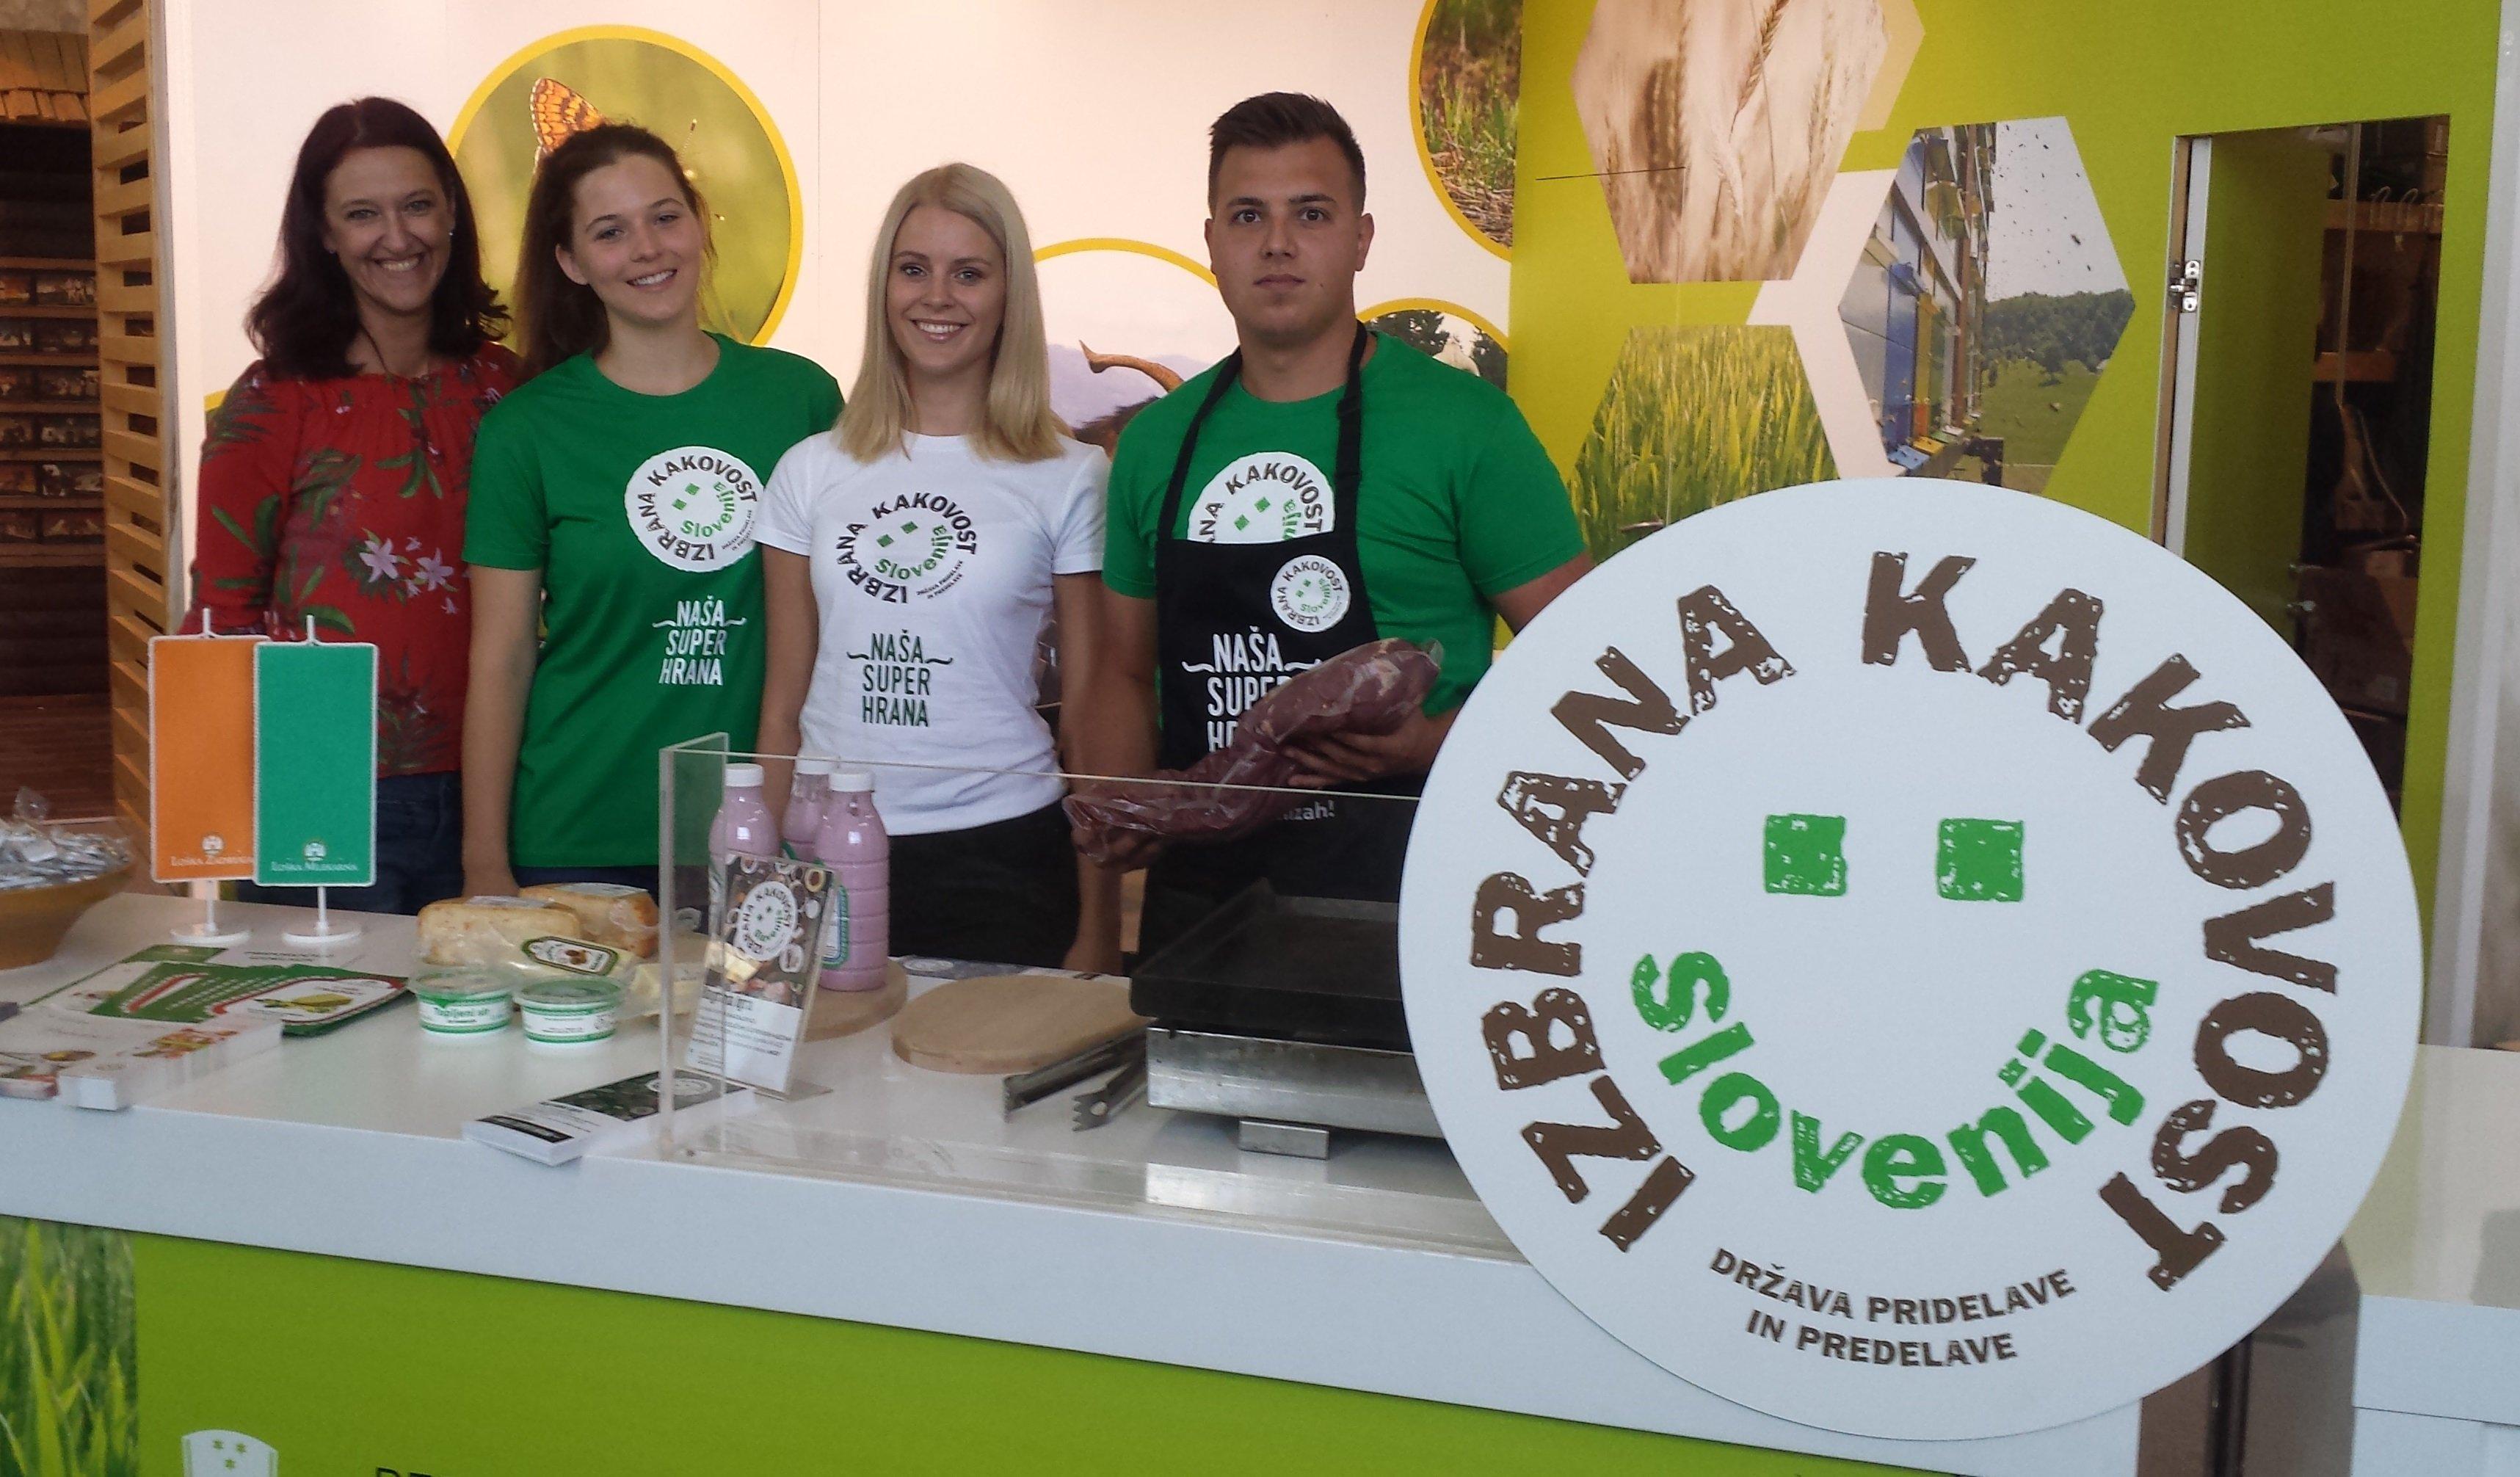 Promocija kmetijskih in živilskih proizvodov Republike Slovenije – splošne informacije